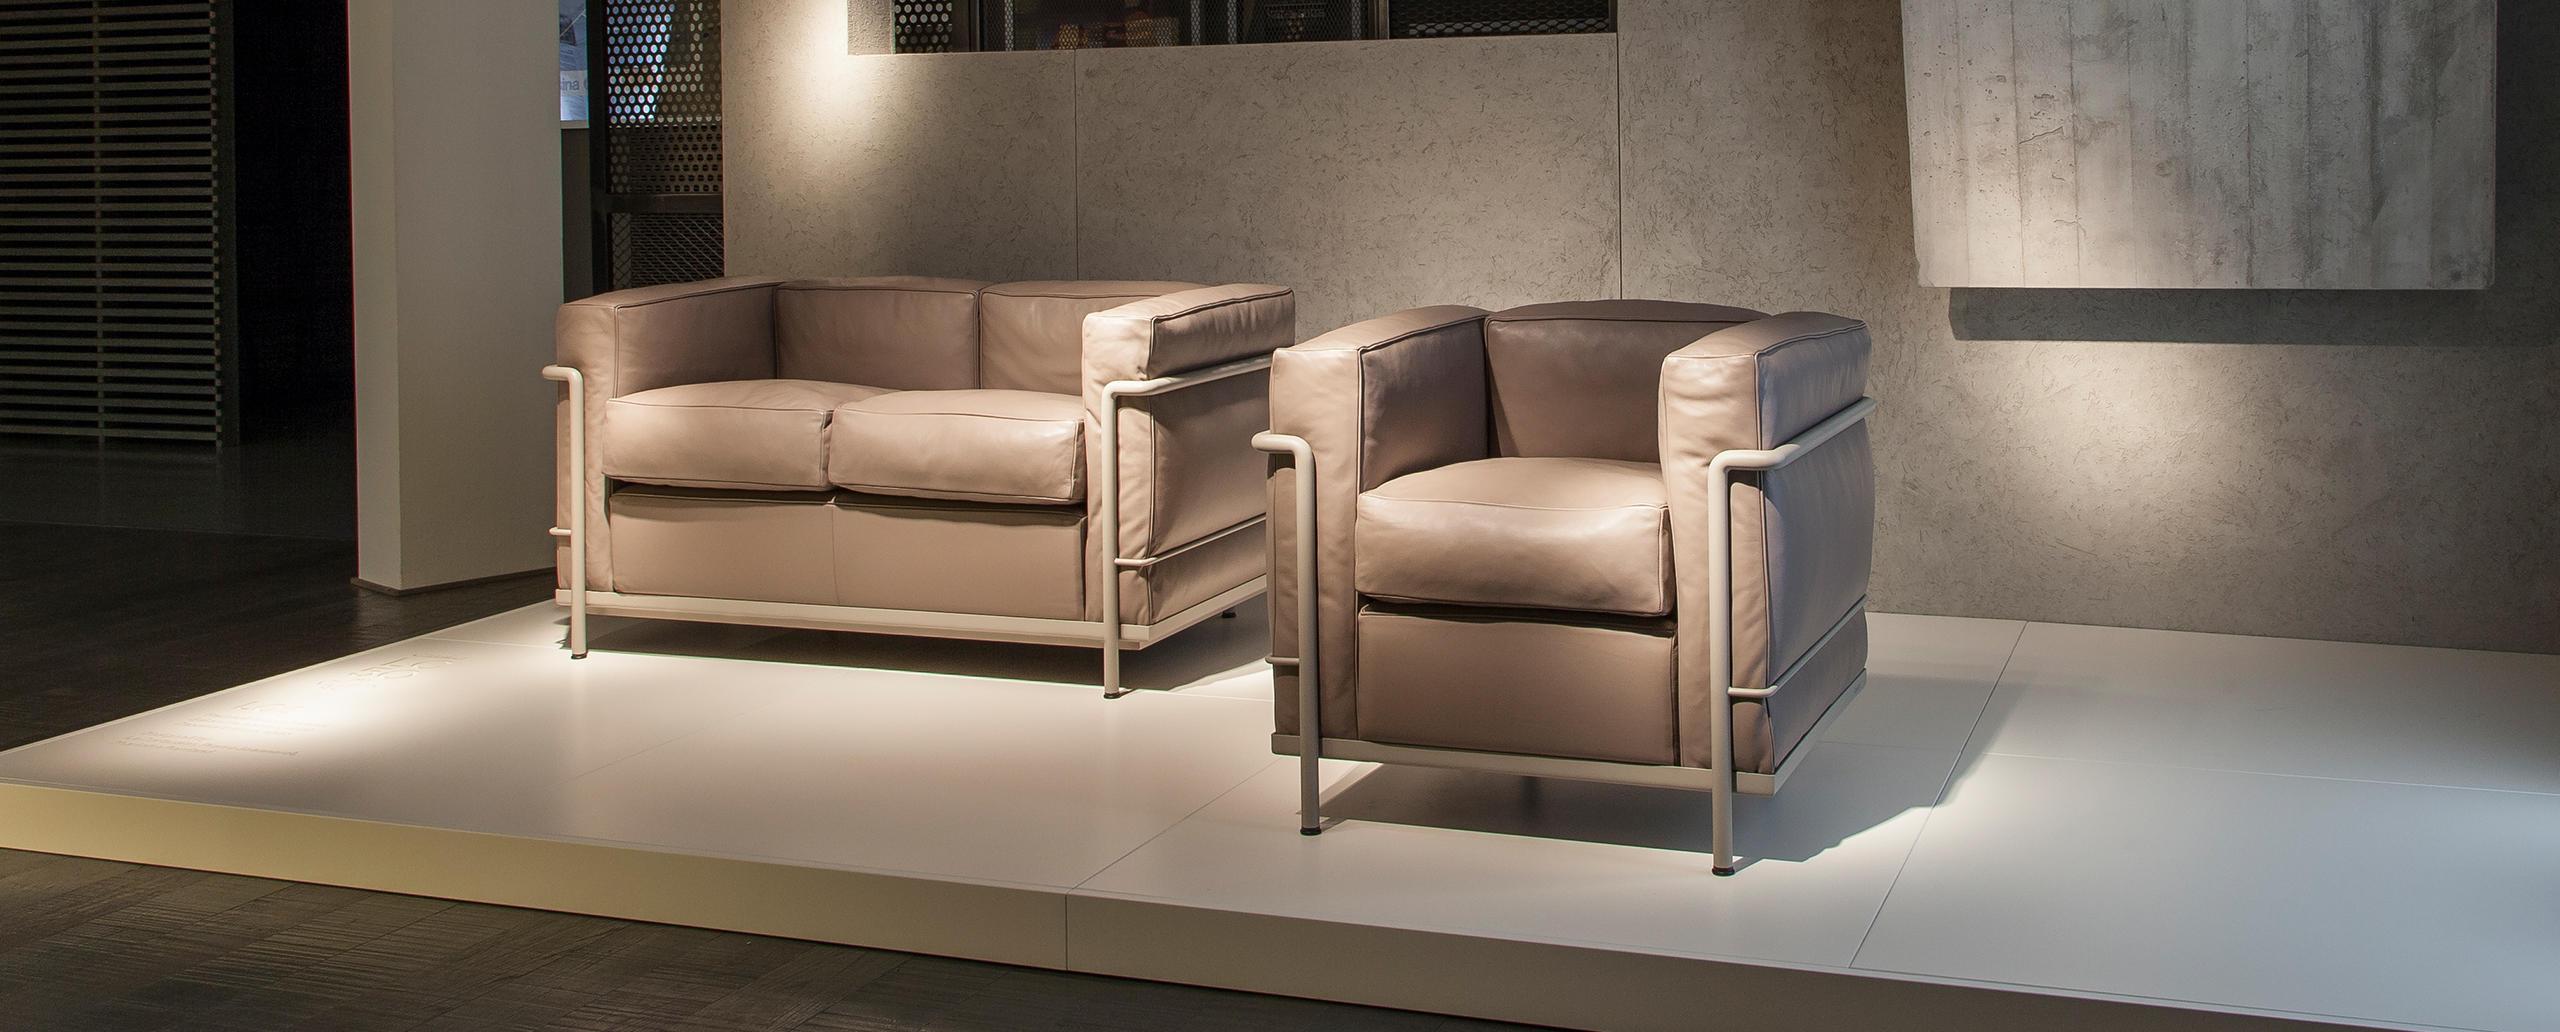 Canapé Le Corbusier Fauteuil Et Canapé Lc2 Le Corbusier Jeanneret Perriand